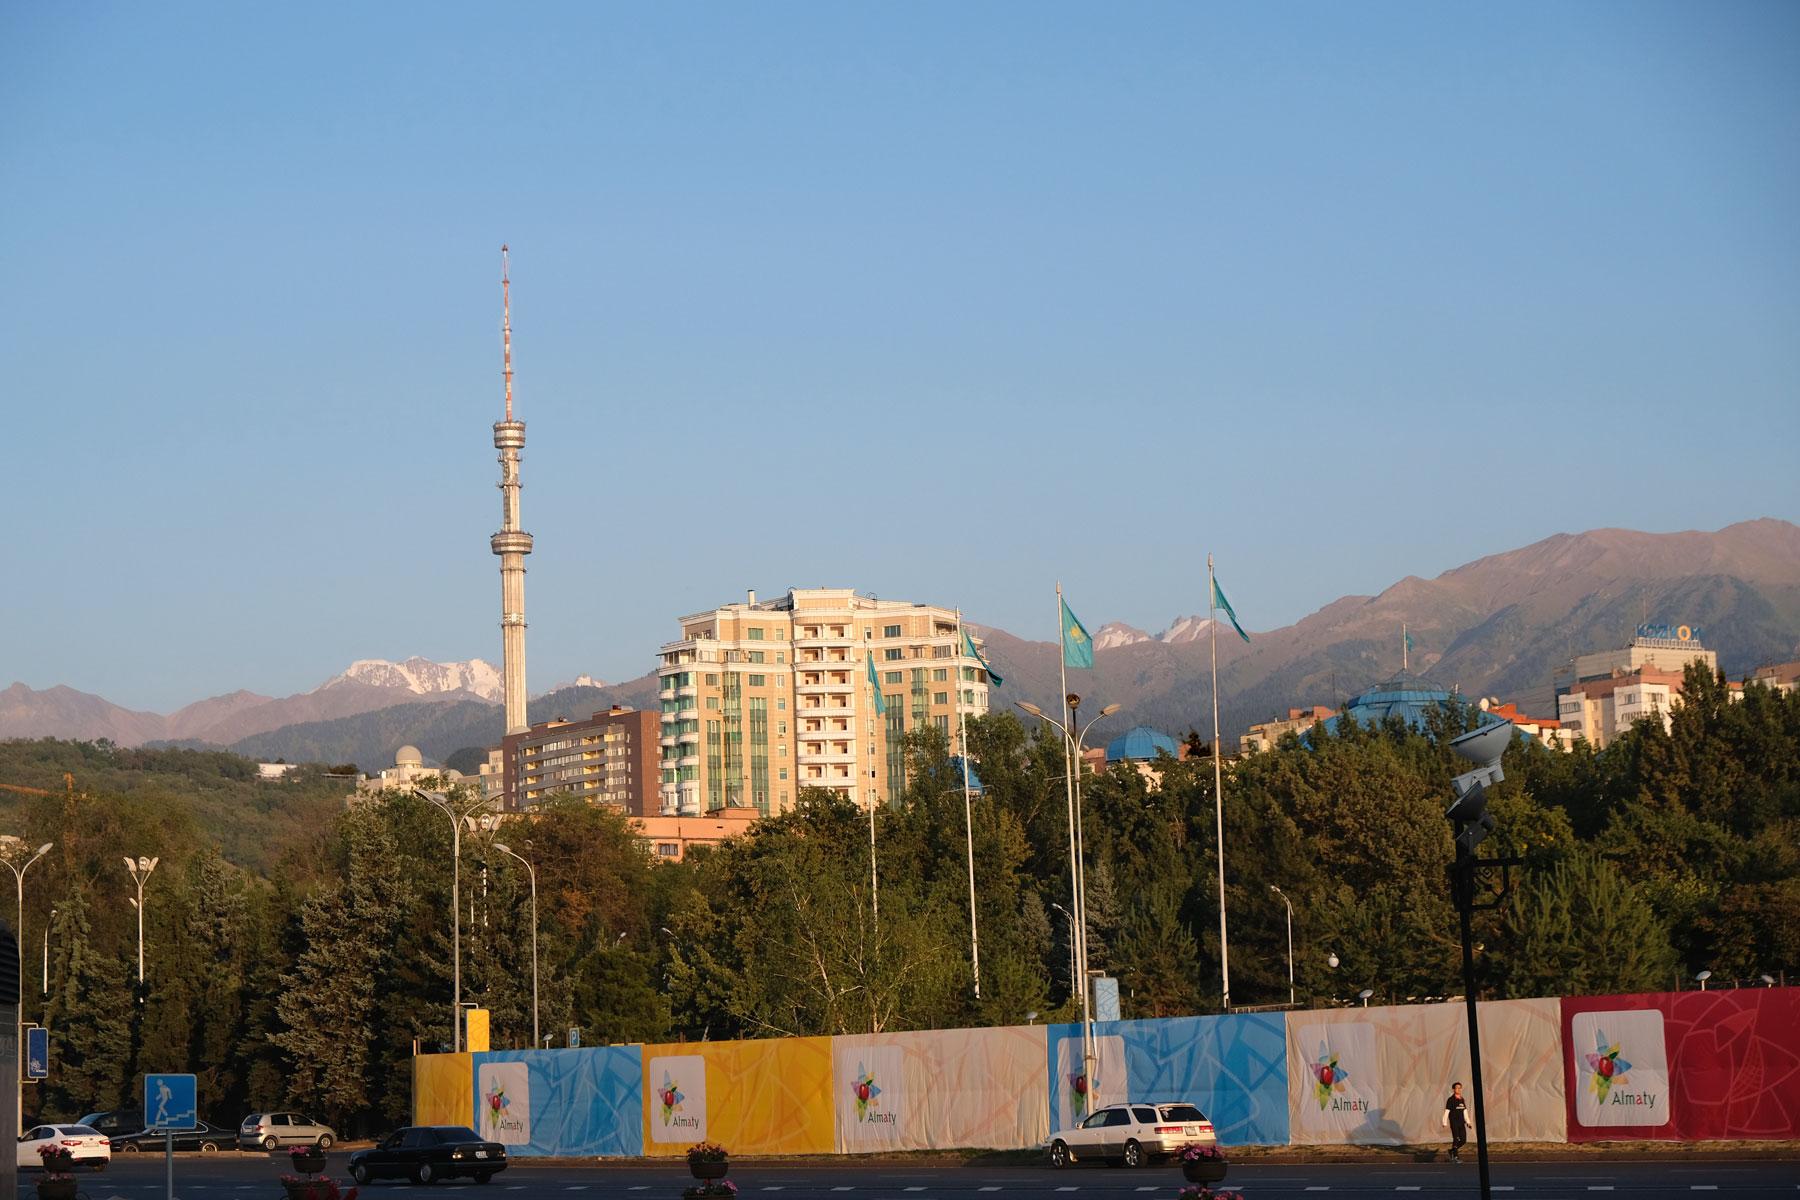 Kasachstans größte Stadt Almaty liegt am Fuße von teils schneebedeckten Bergen